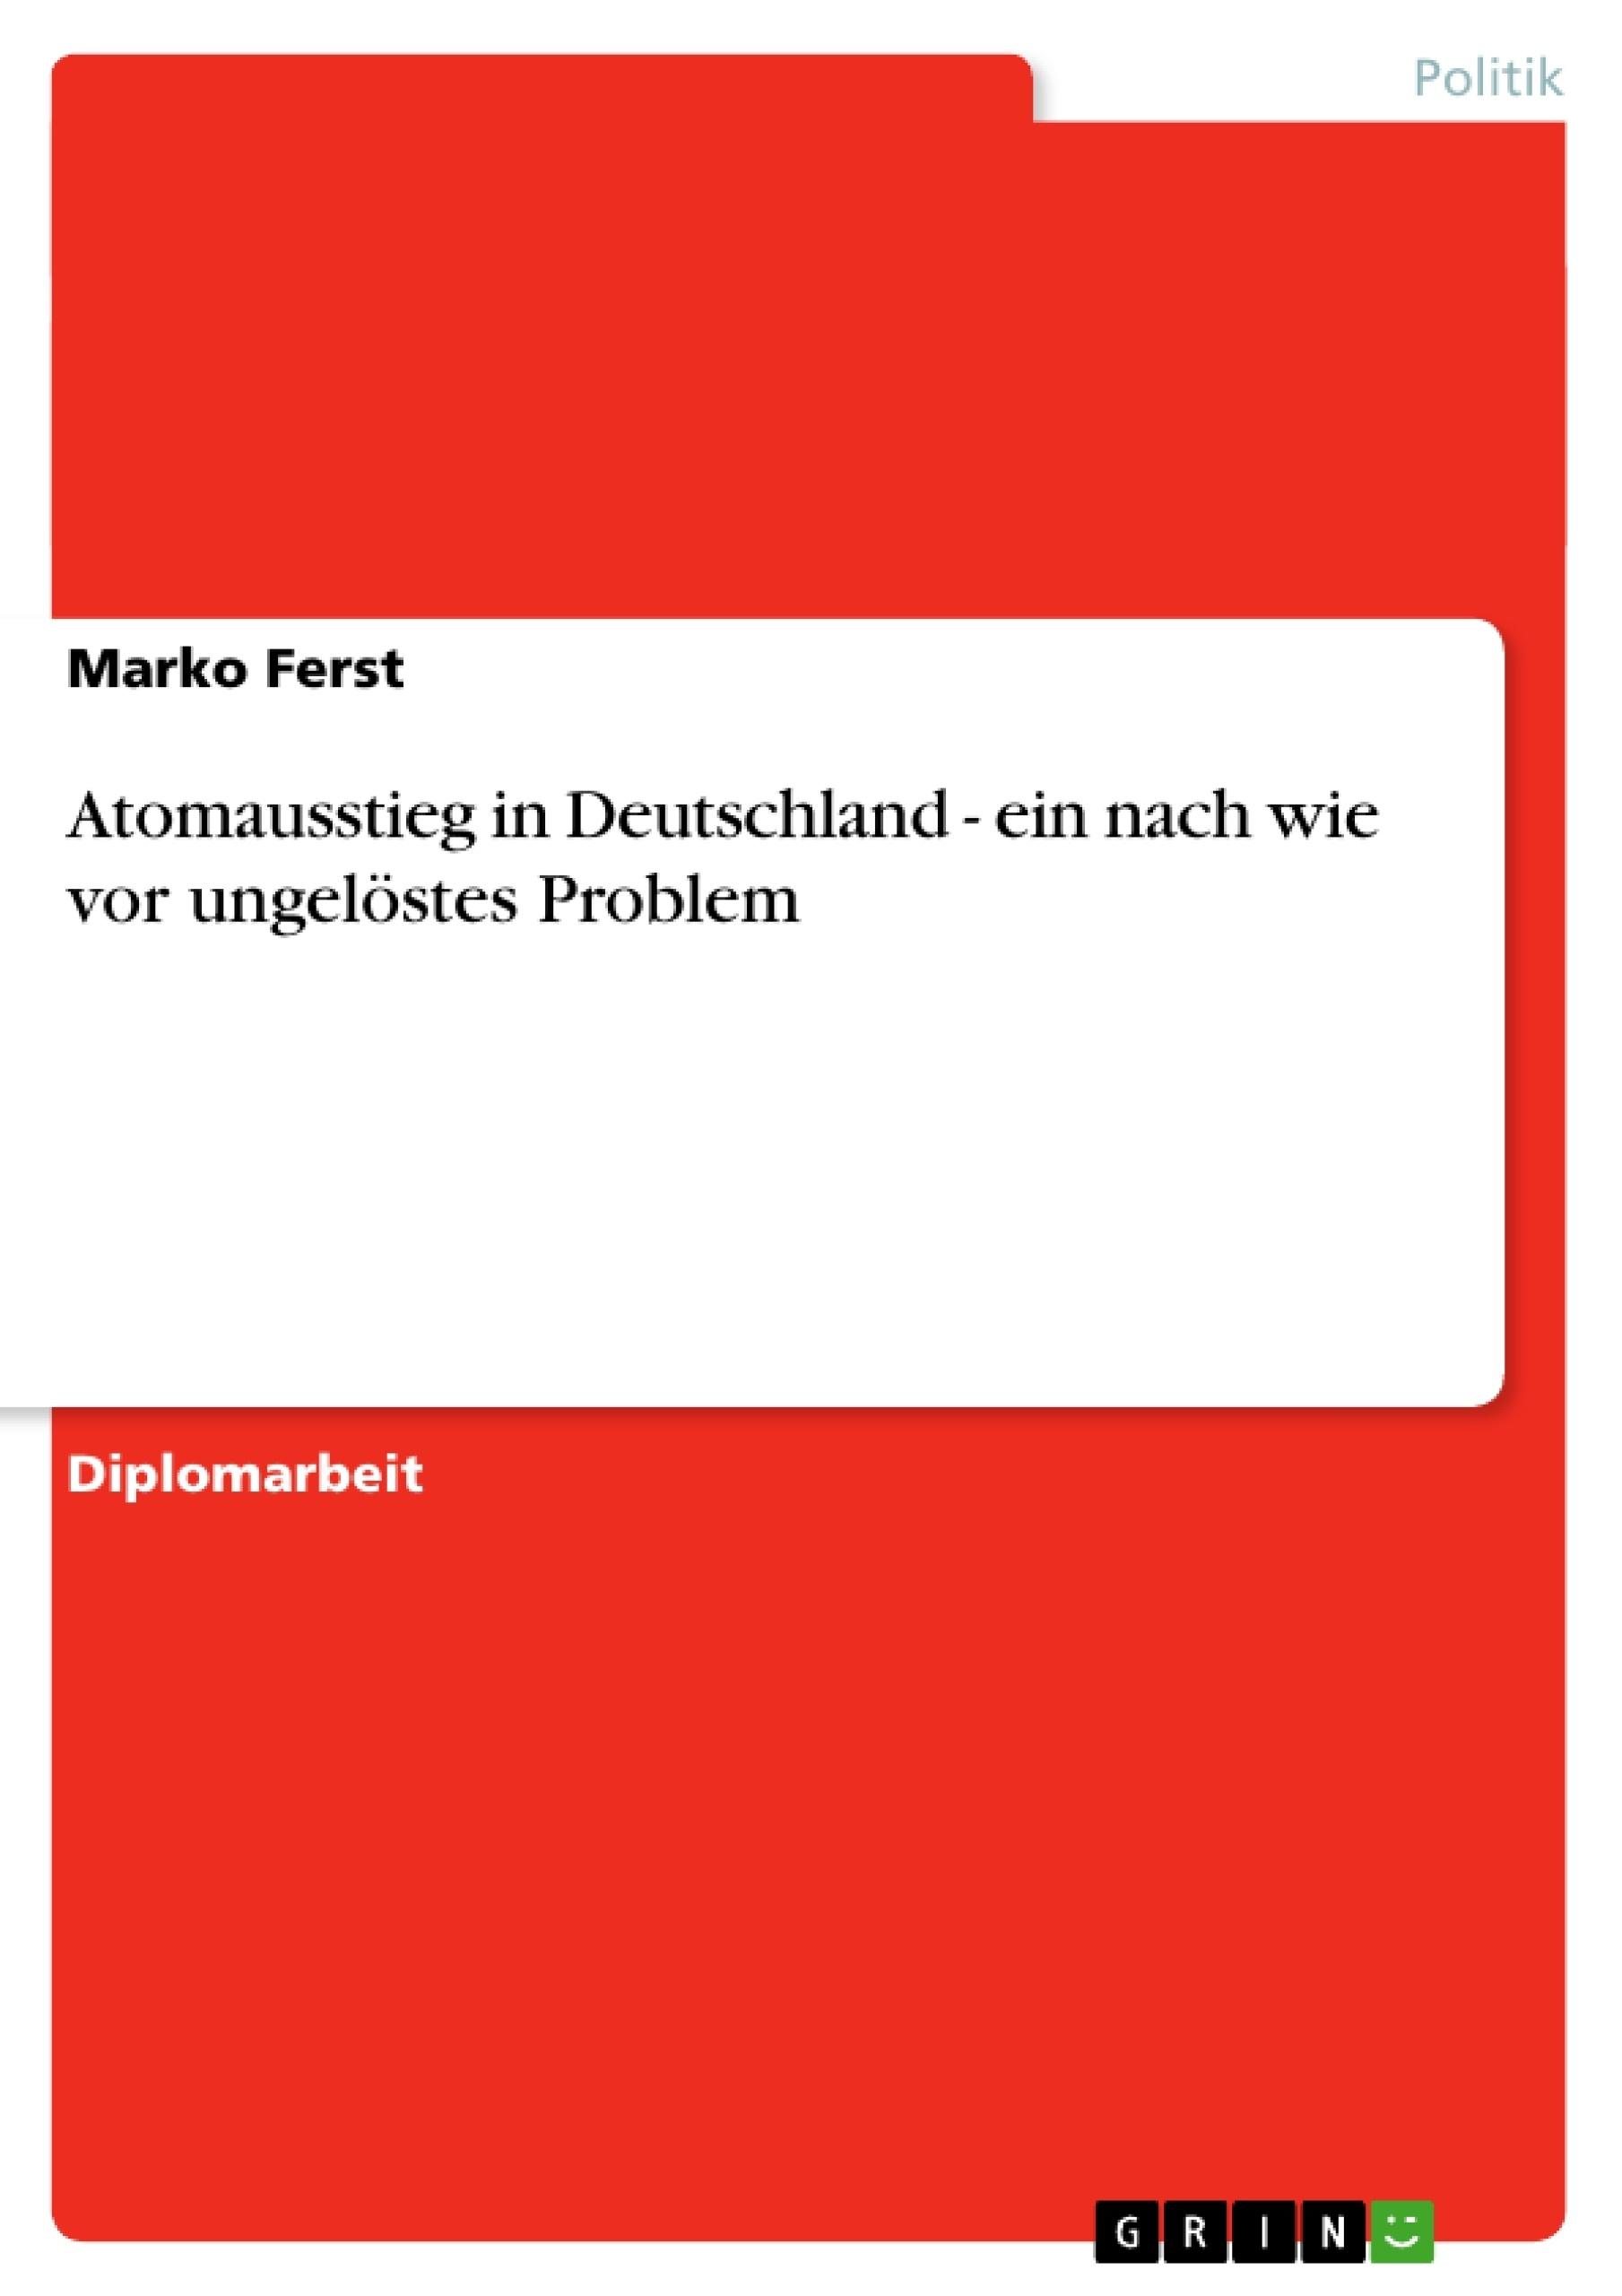 Titel: Atomausstieg in Deutschland - ein nach wie vor ungelöstes Problem